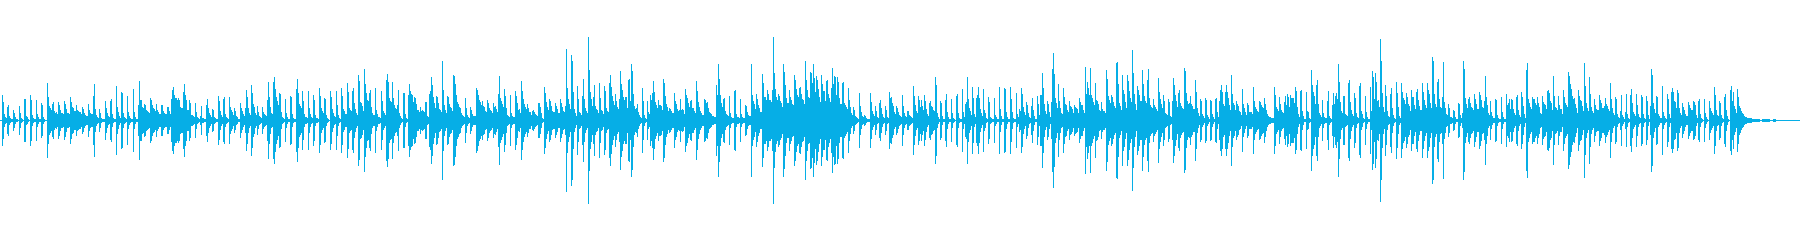 生ピアノソロ・ゆっくり着実にコツコツとの再生済みの波形